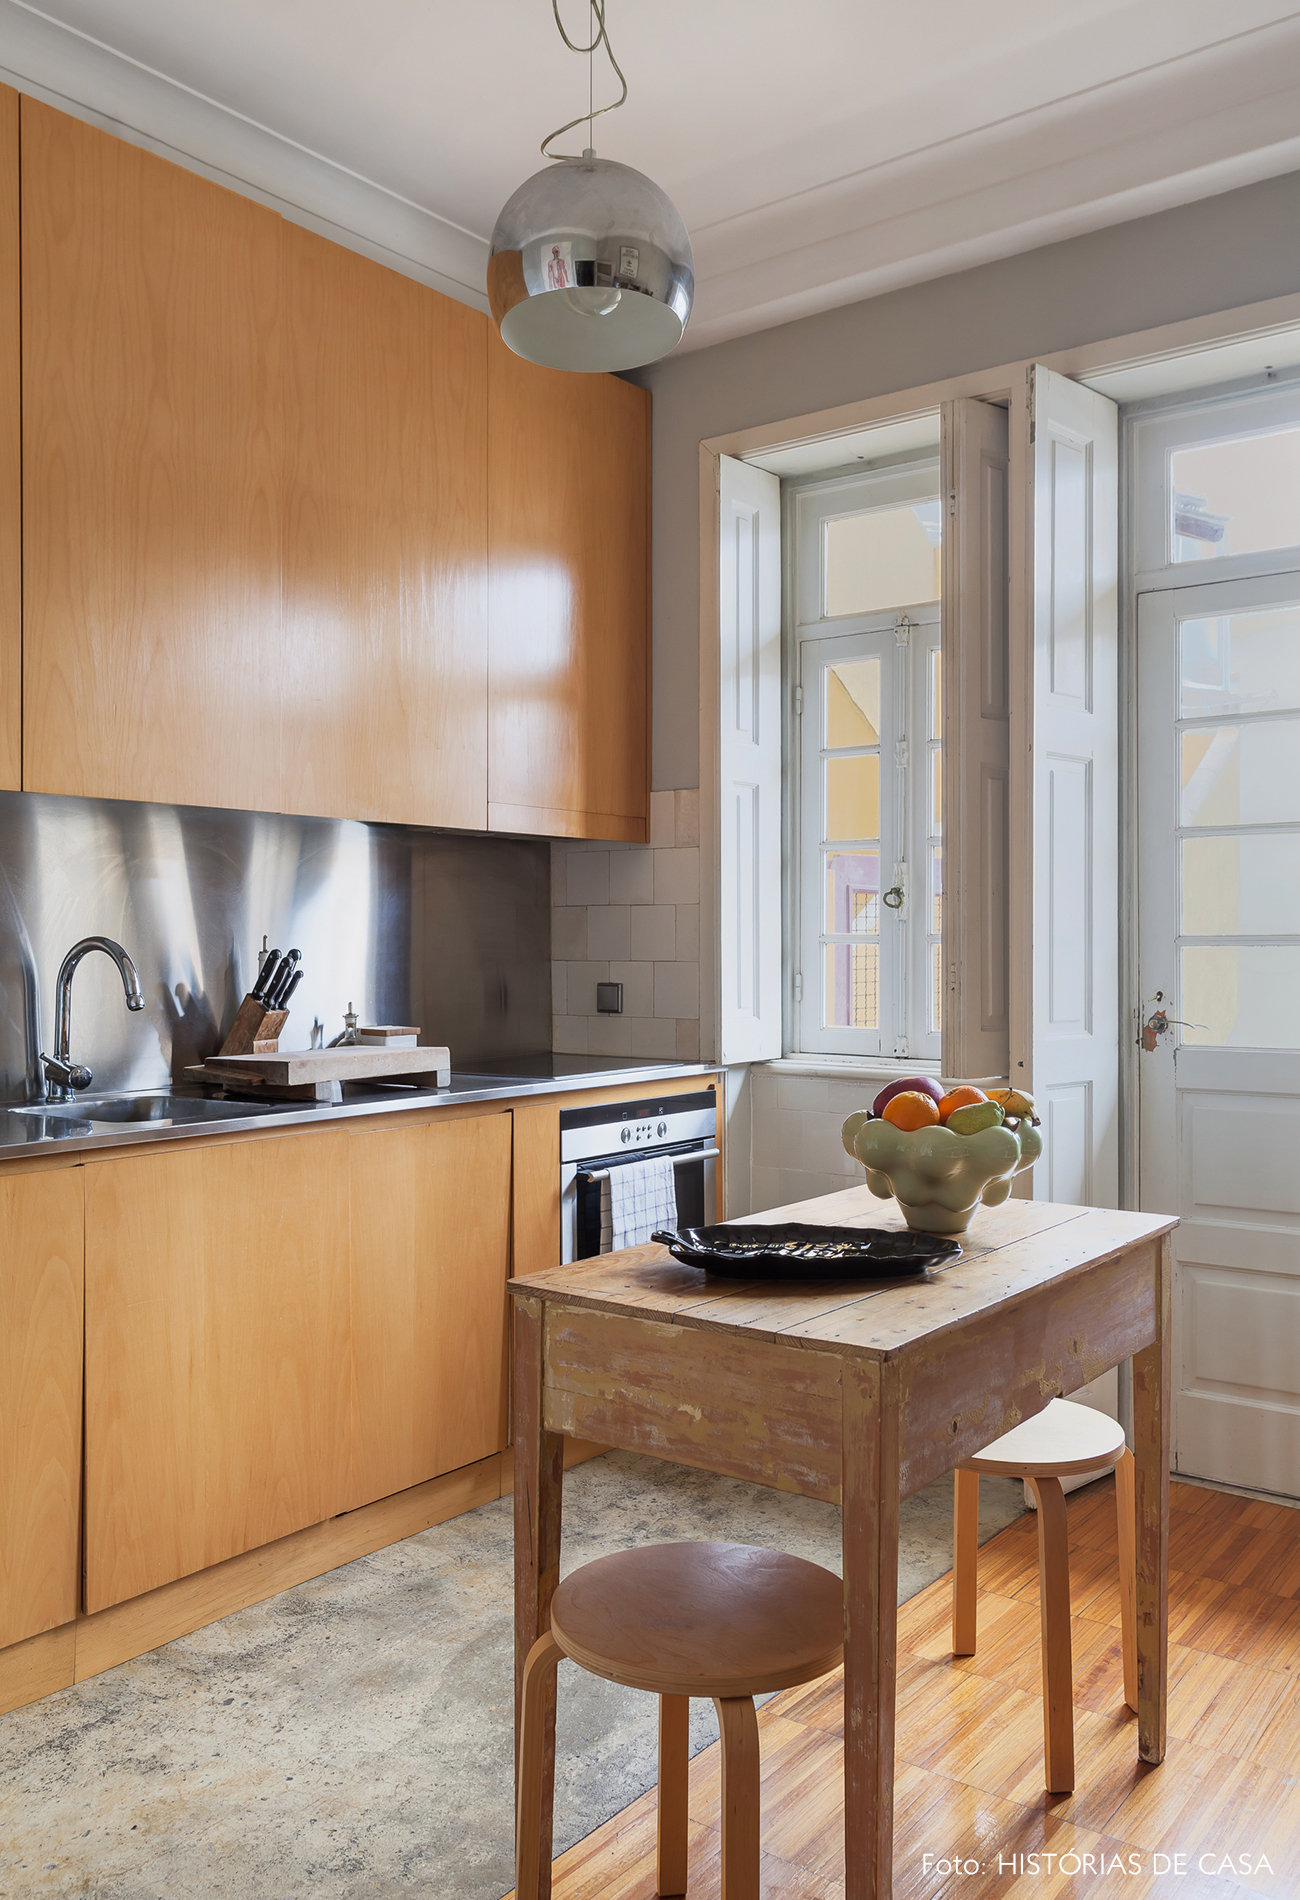 Cozinha reformada com mesa de madeira servindo de ilha central